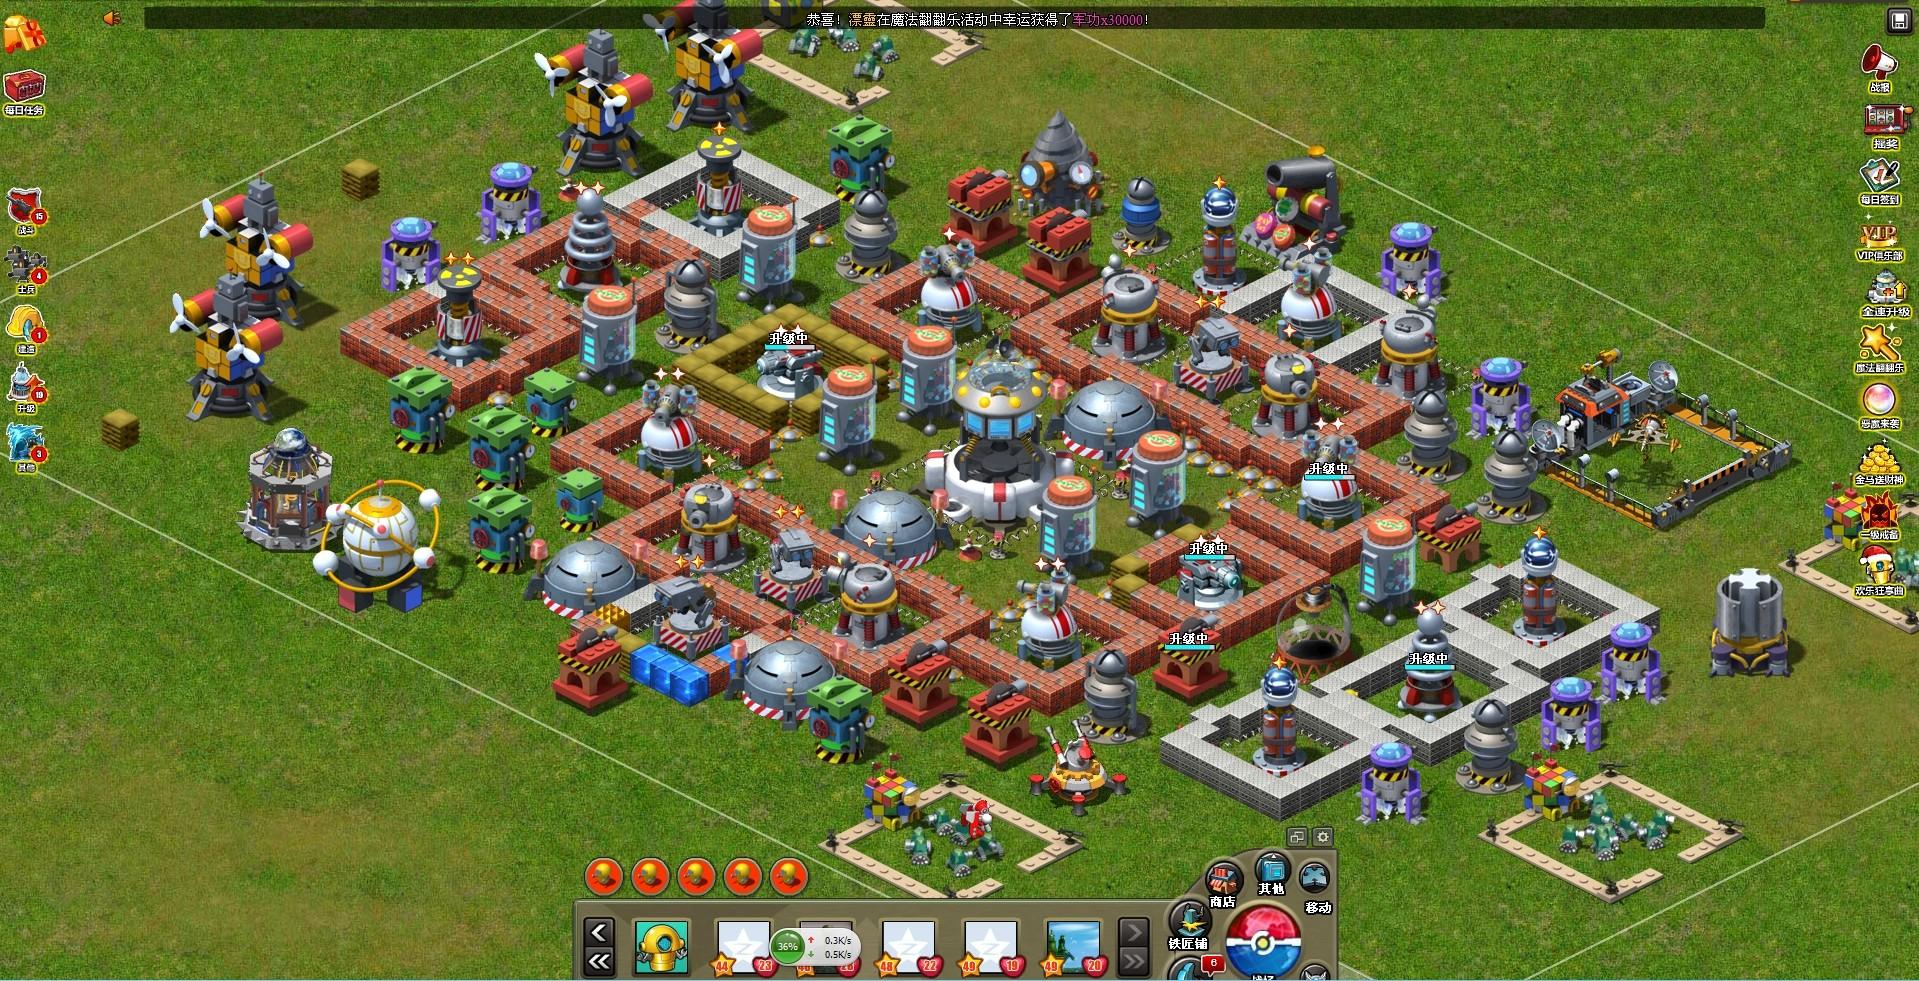 玩具战争大家给我16级的阵型评价一下 精品玩家社区图片